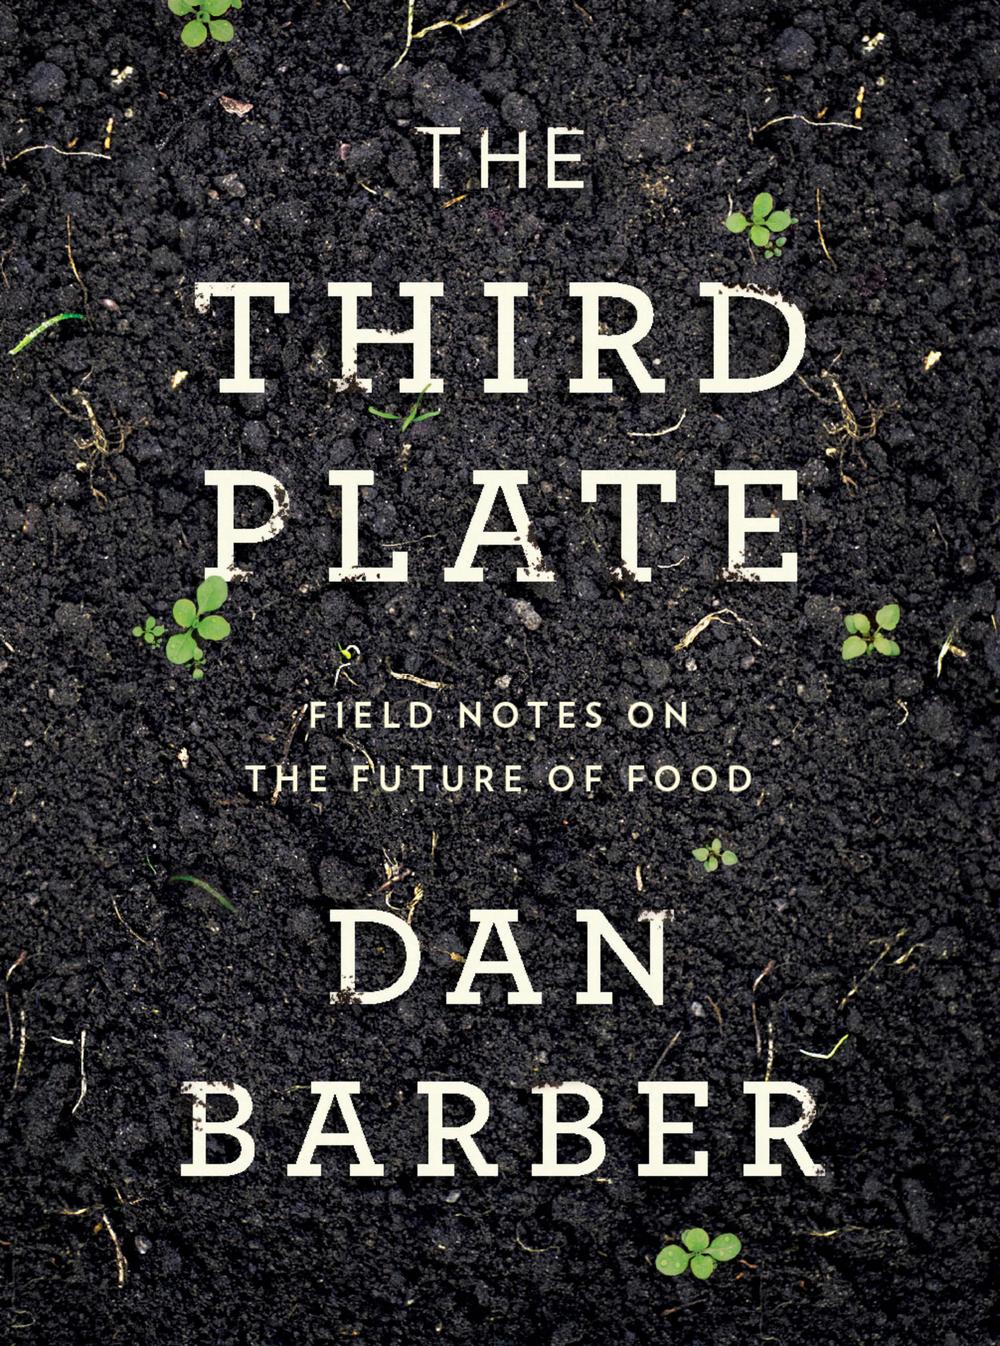 dan-barber-third-plate.jpg